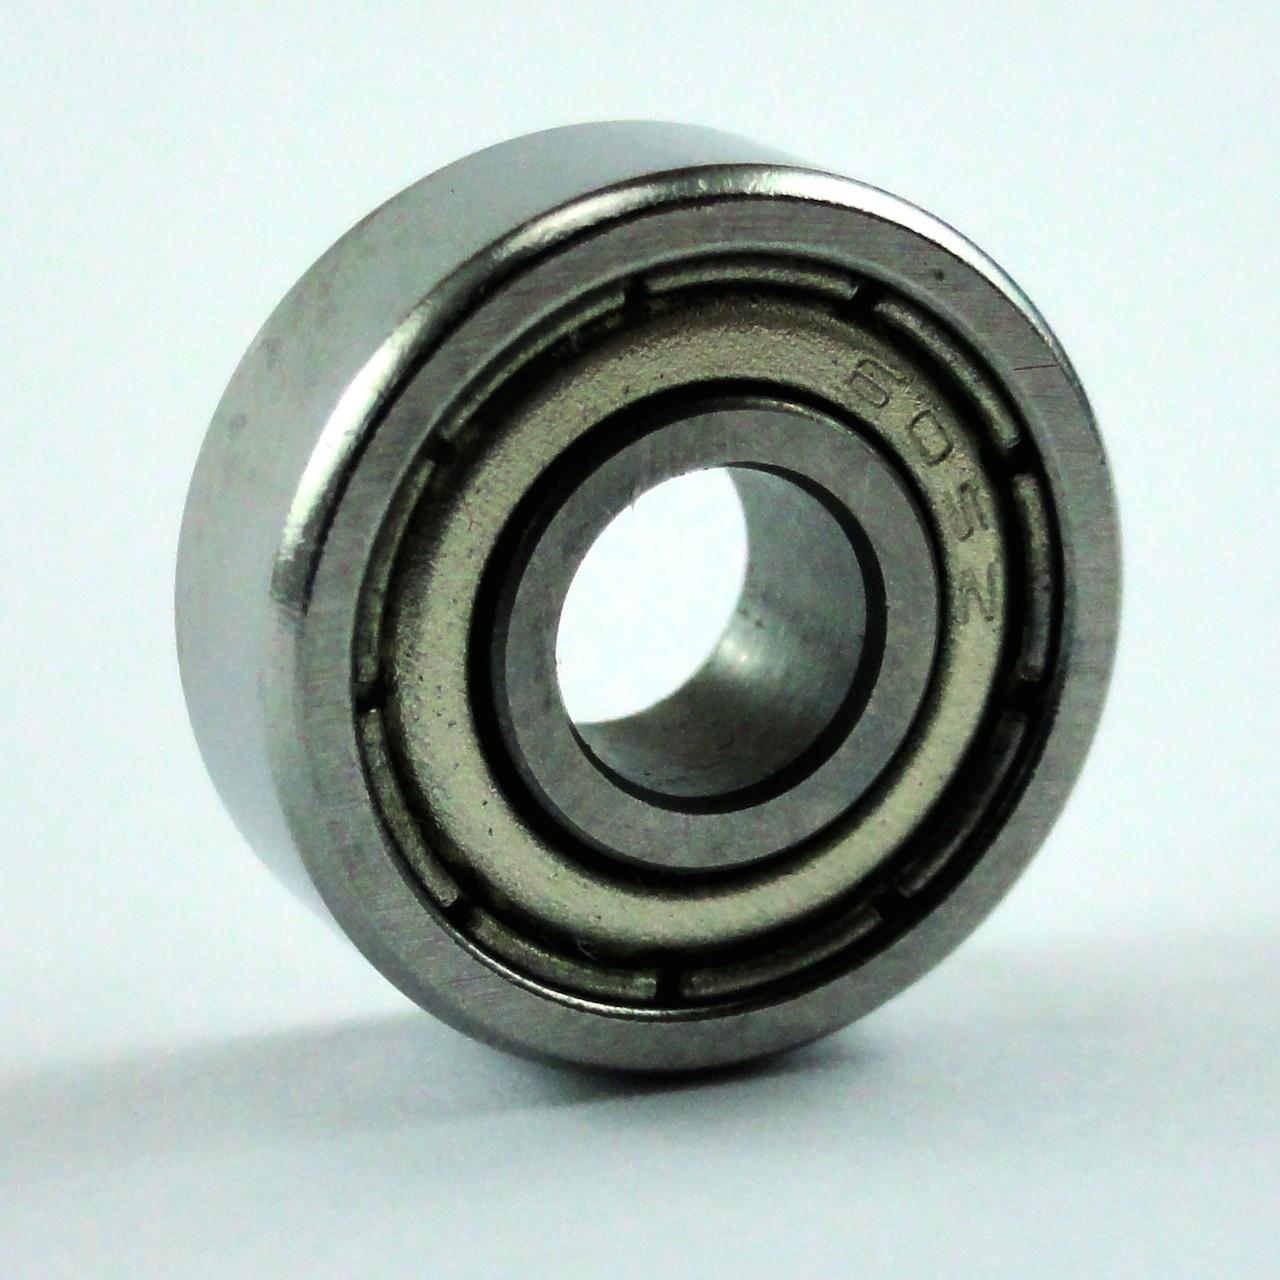 cnc bearing 3d print roulement 605zz 5x14x5mm générique